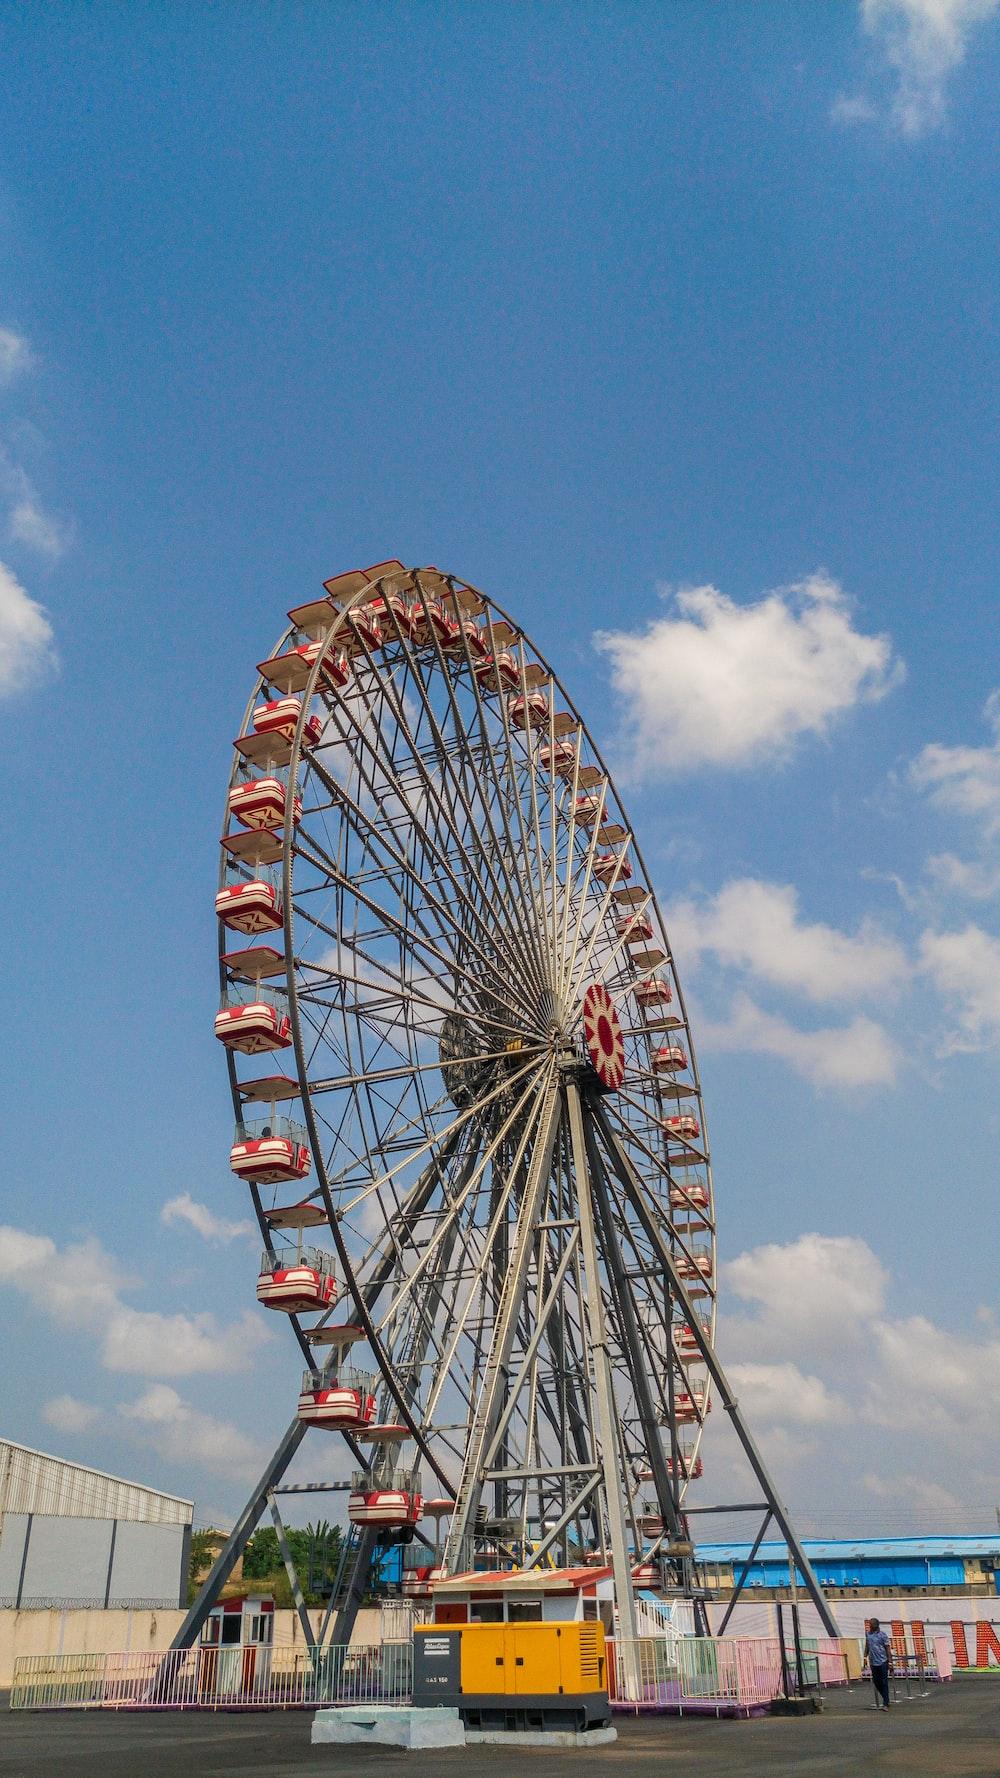 grey Ferris Wheel during daytime